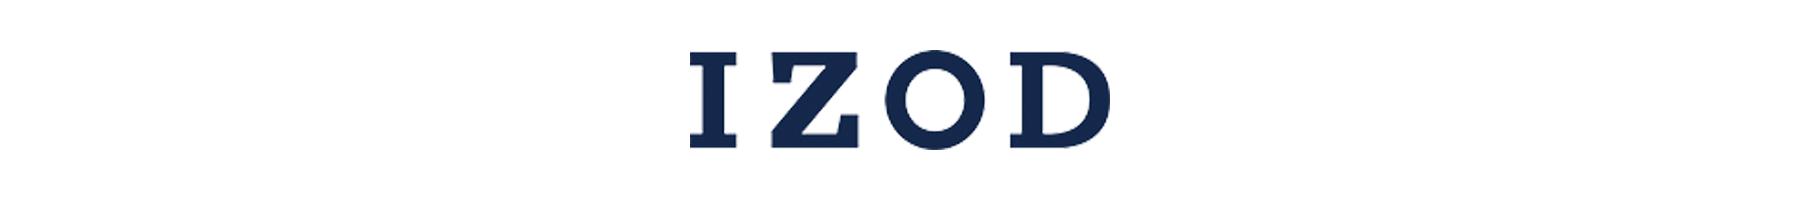 DrJays.com - IZOD